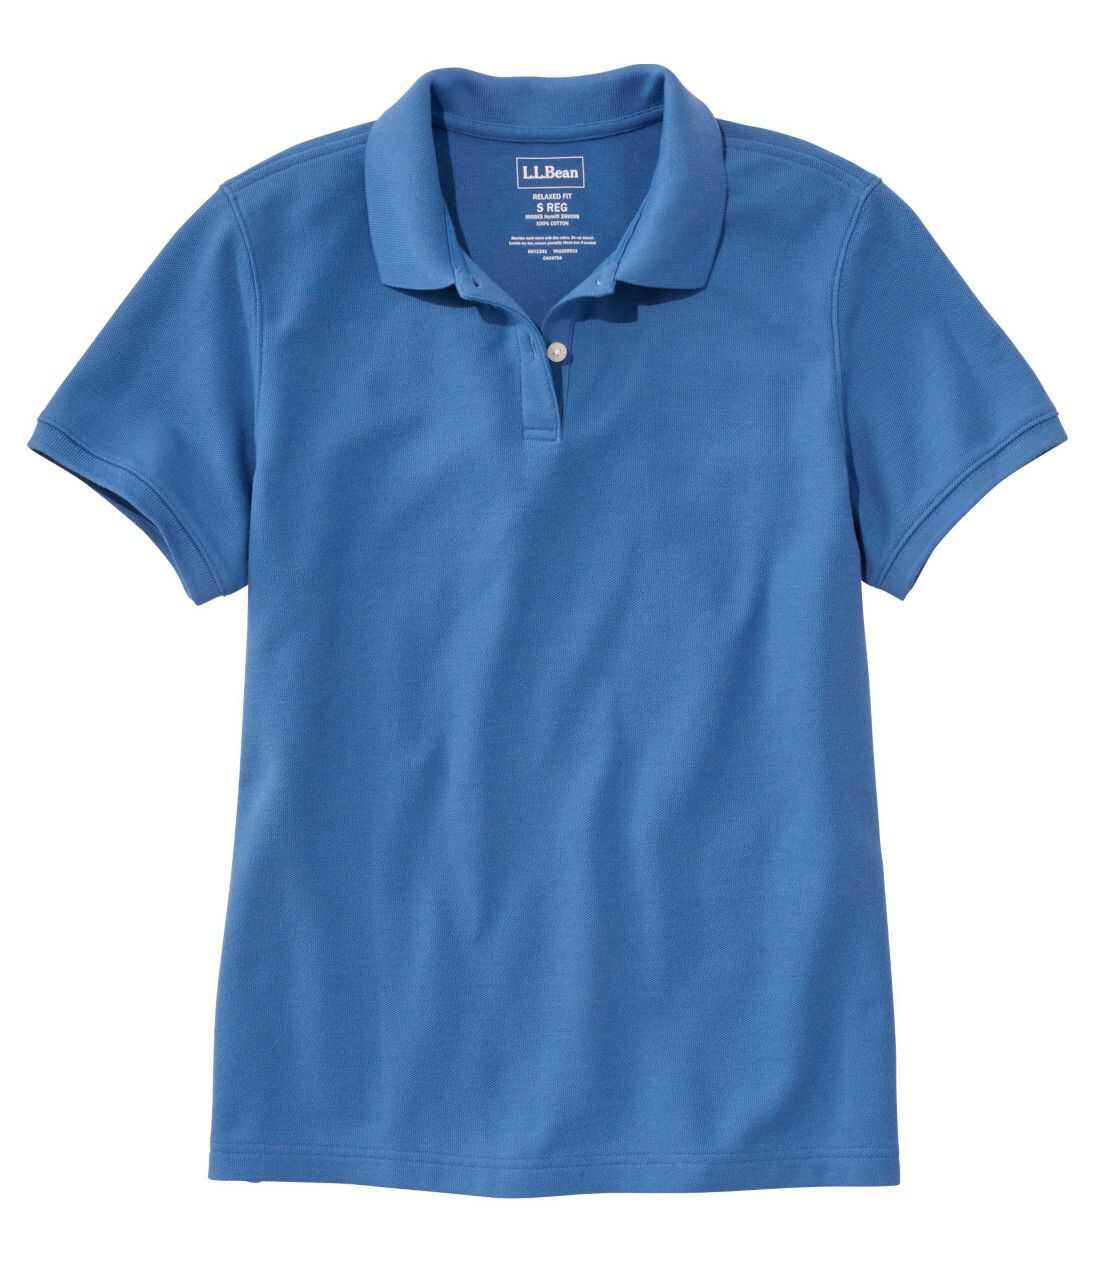 プレミアム・ダブル・エル・ポロシャツ、リラックス・フィット 半袖